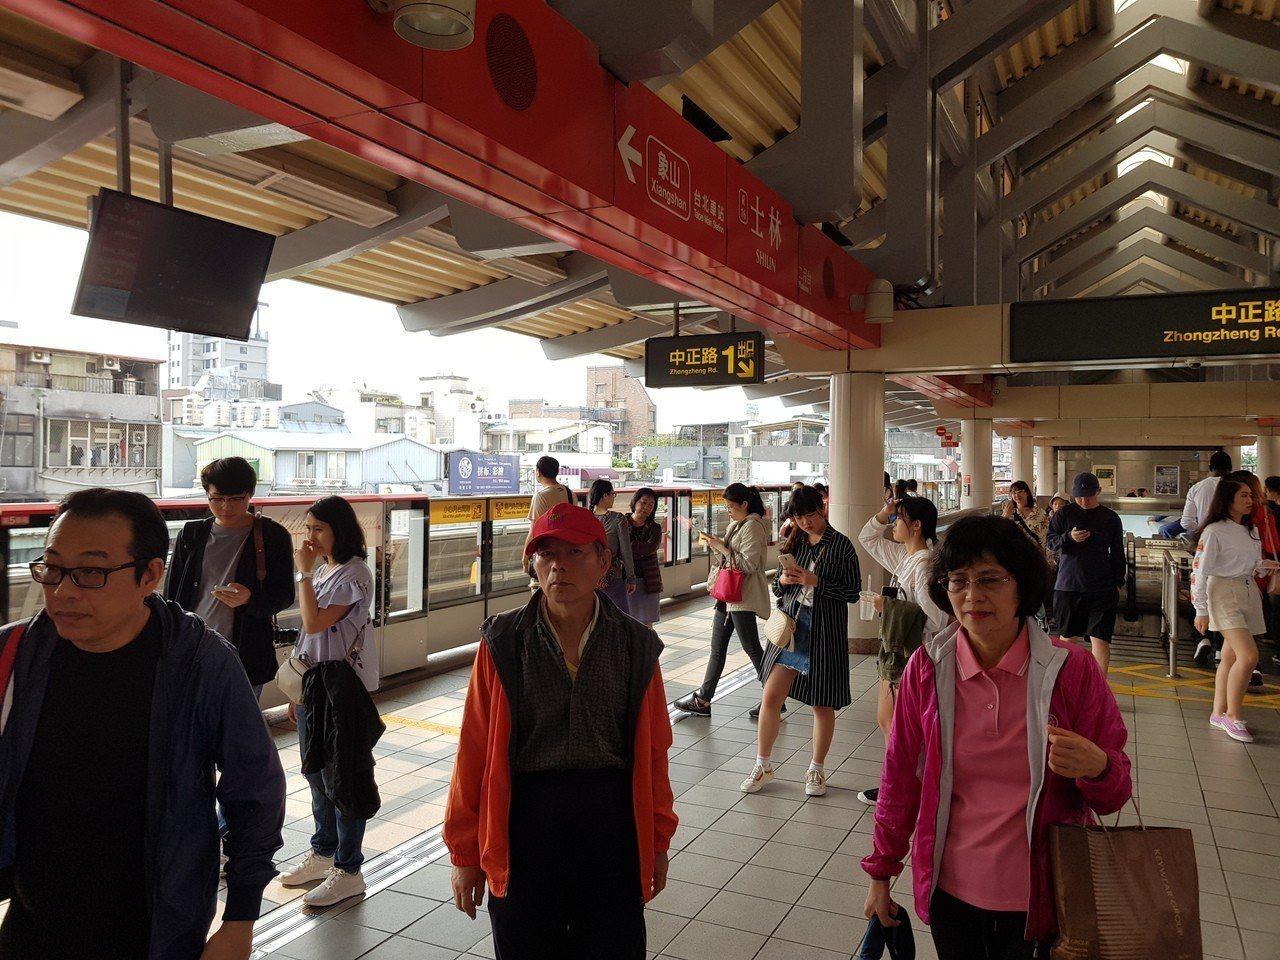 捷運士林站平時就有不少人潮,現在竟有人因為沒位子坐而怒罵孕婦。 本報系資料照/記...